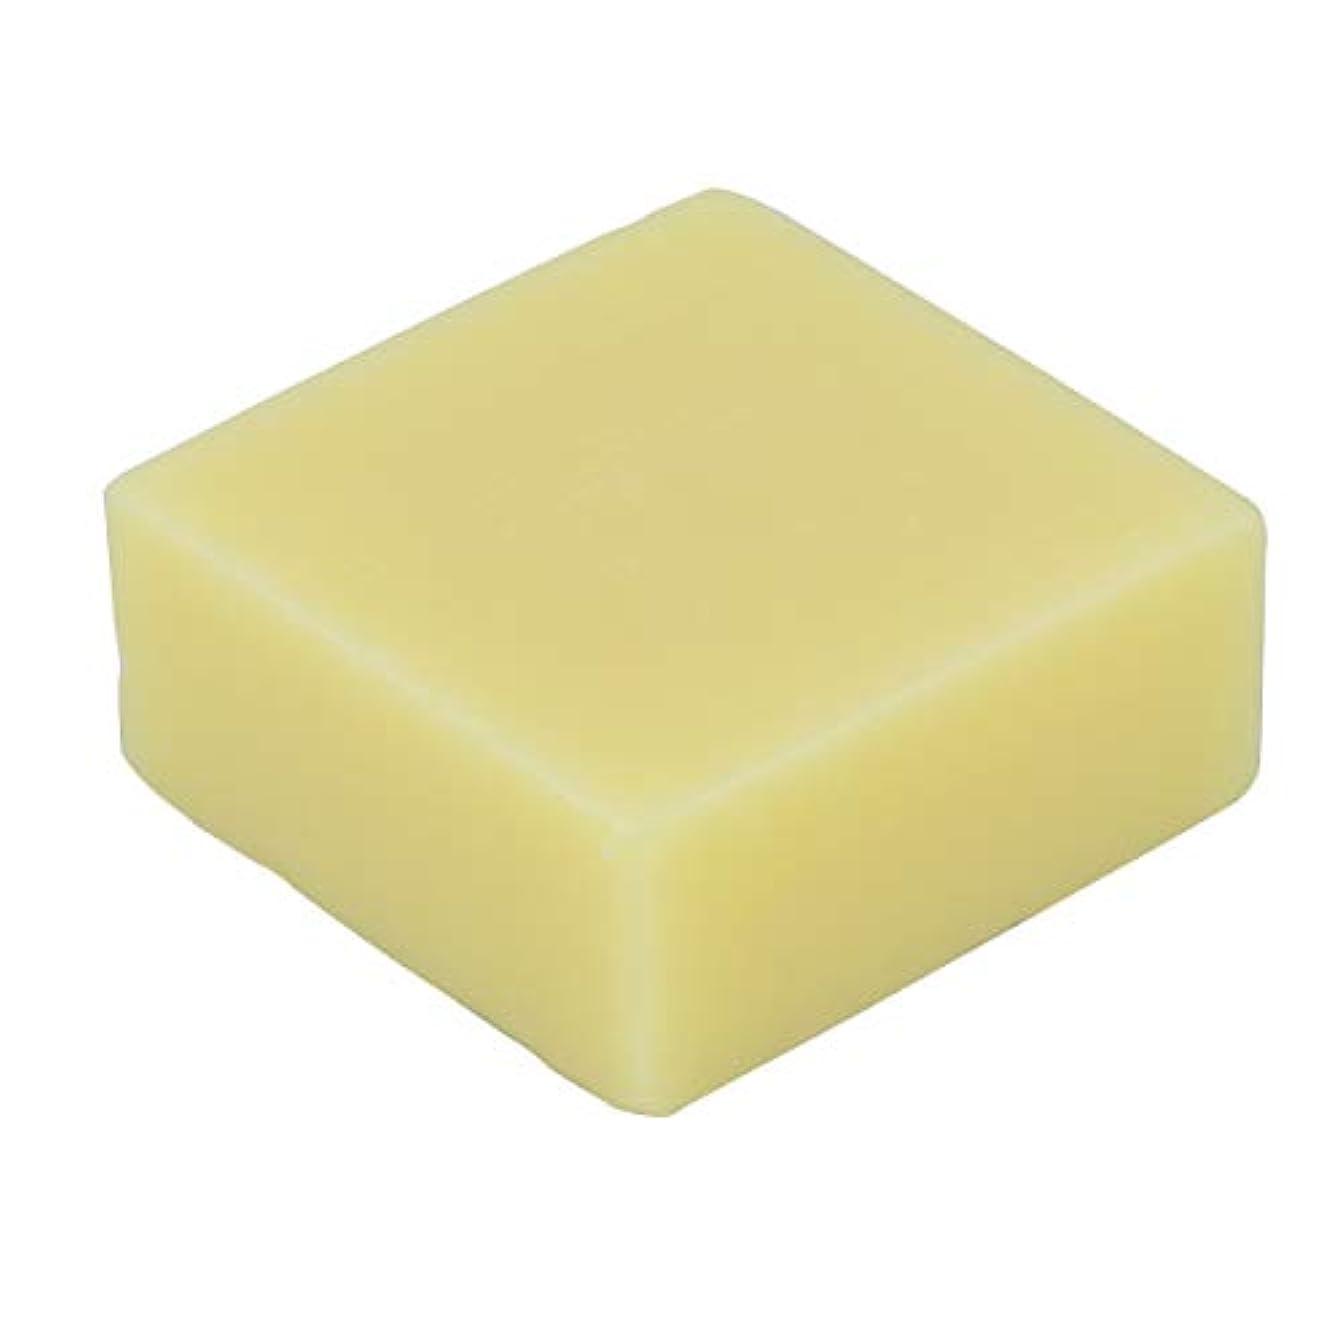 ペリスコープ原理生きているLurrose お風呂用洗顔石鹸バー手作りエッセンシャルオイル石鹸人参石鹸